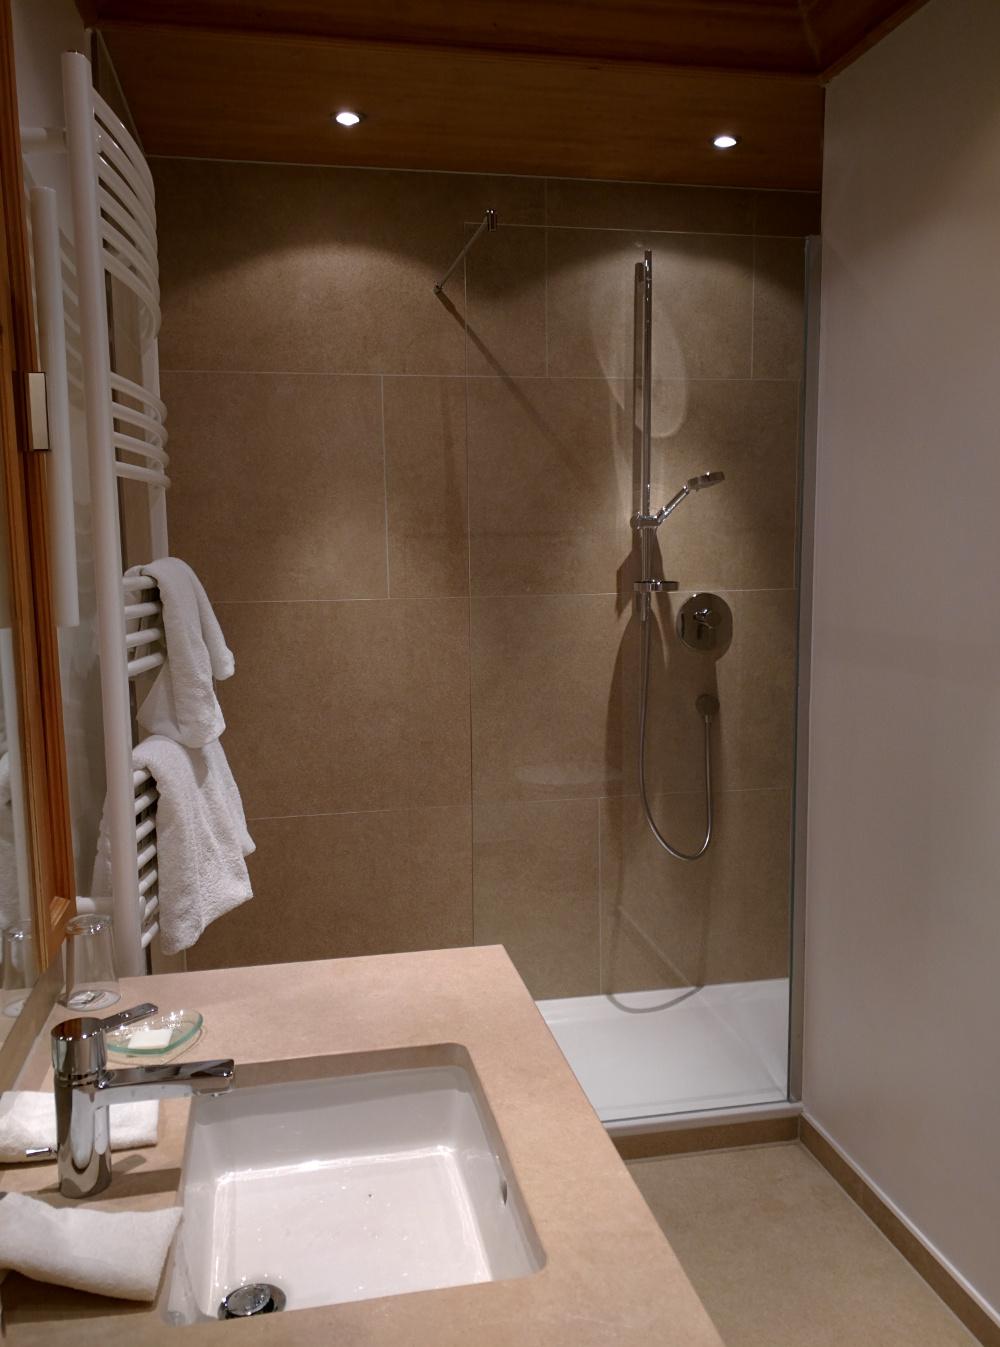 Brauereigasthof Hotel Aying bathroom